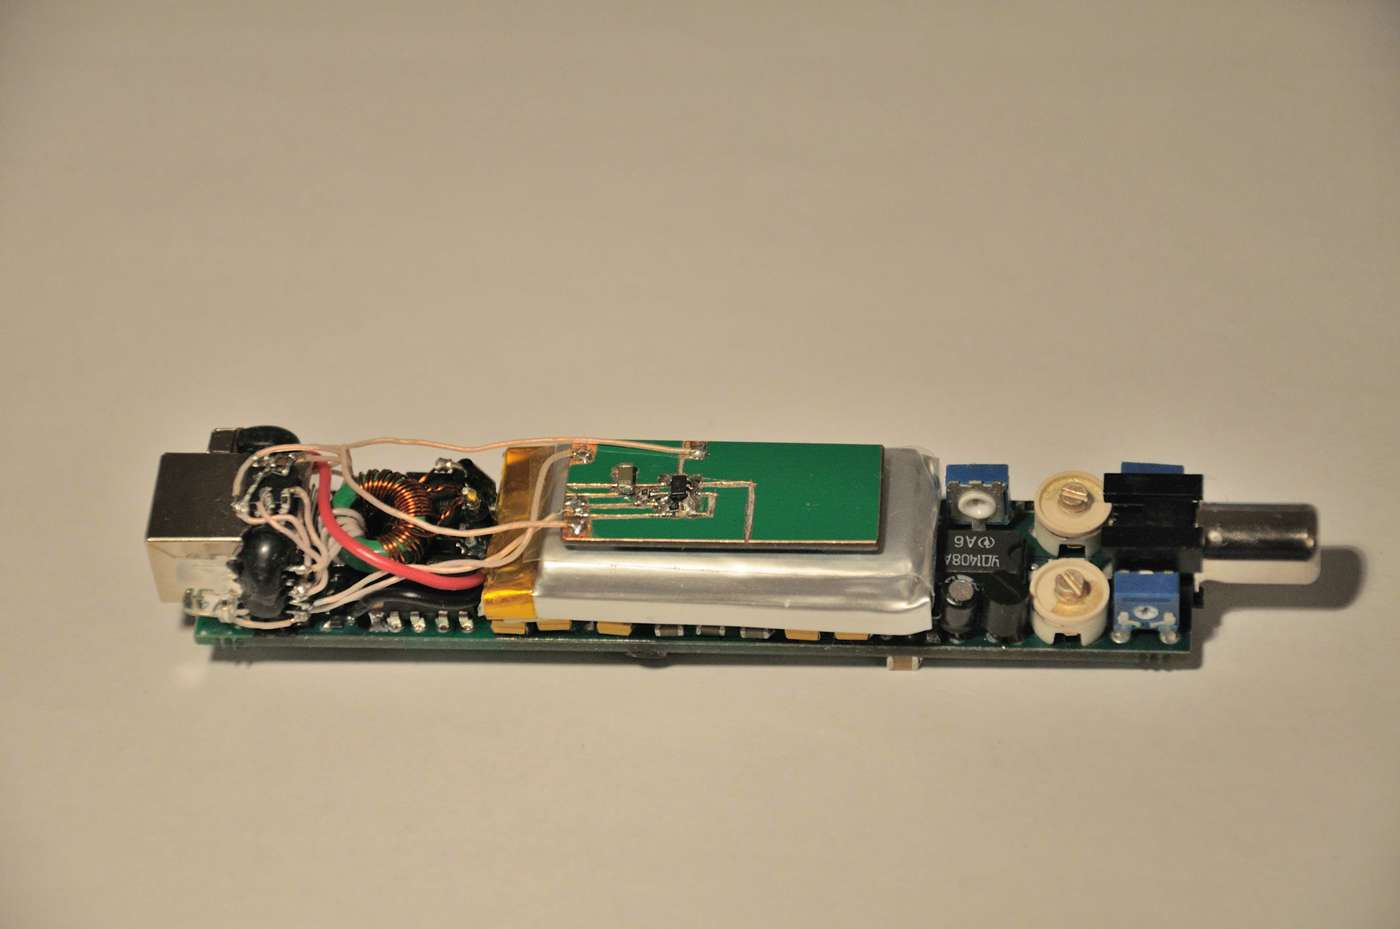 http://www.oscill.com/components/com_agora/img/members/1310/DSC-4113-rs.jpg